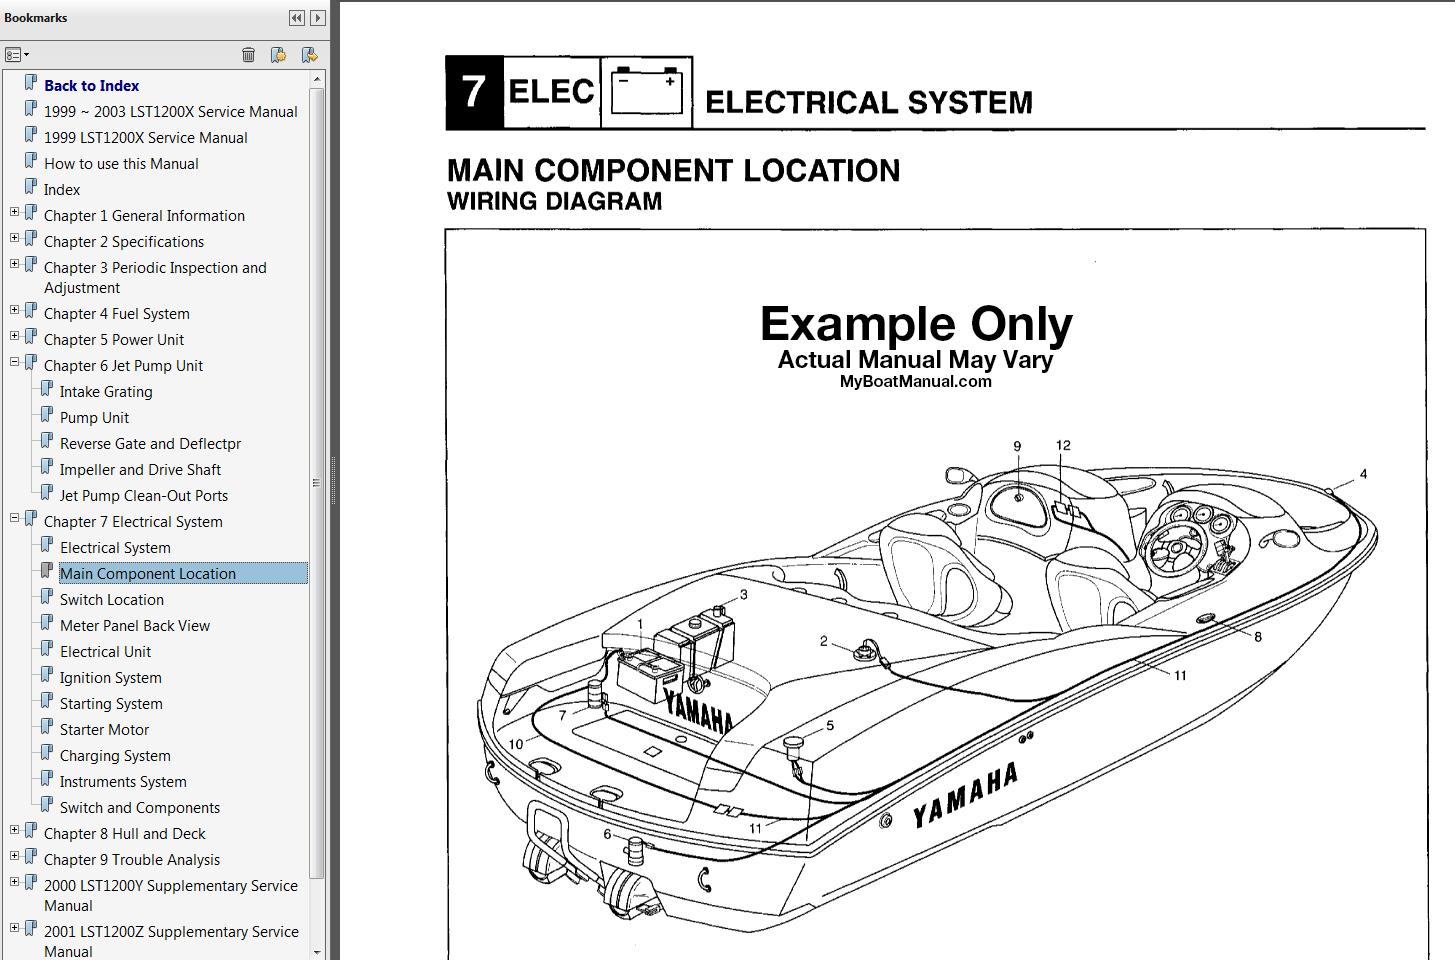 Yamaha Ar210 Sr210 Sx210 Boat Service Manual